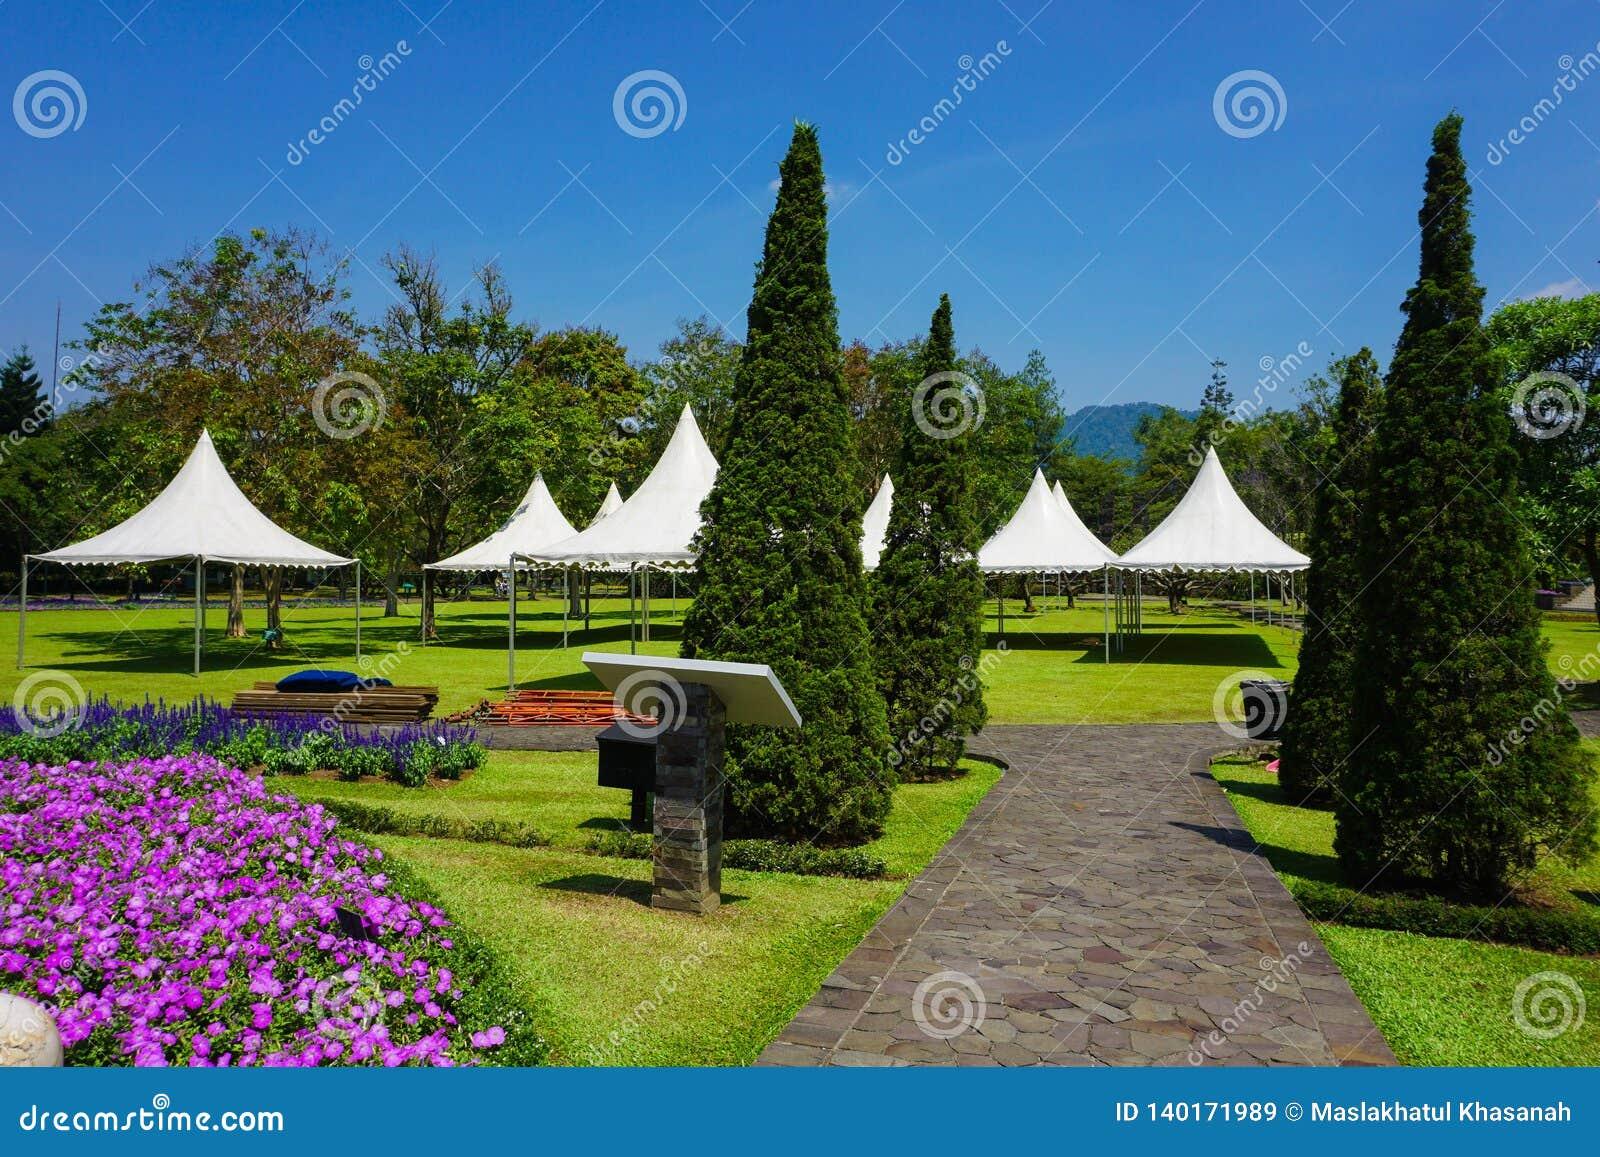 Weg van steen met het gaan naar witte tent op het park - bogor van fotoindonesië